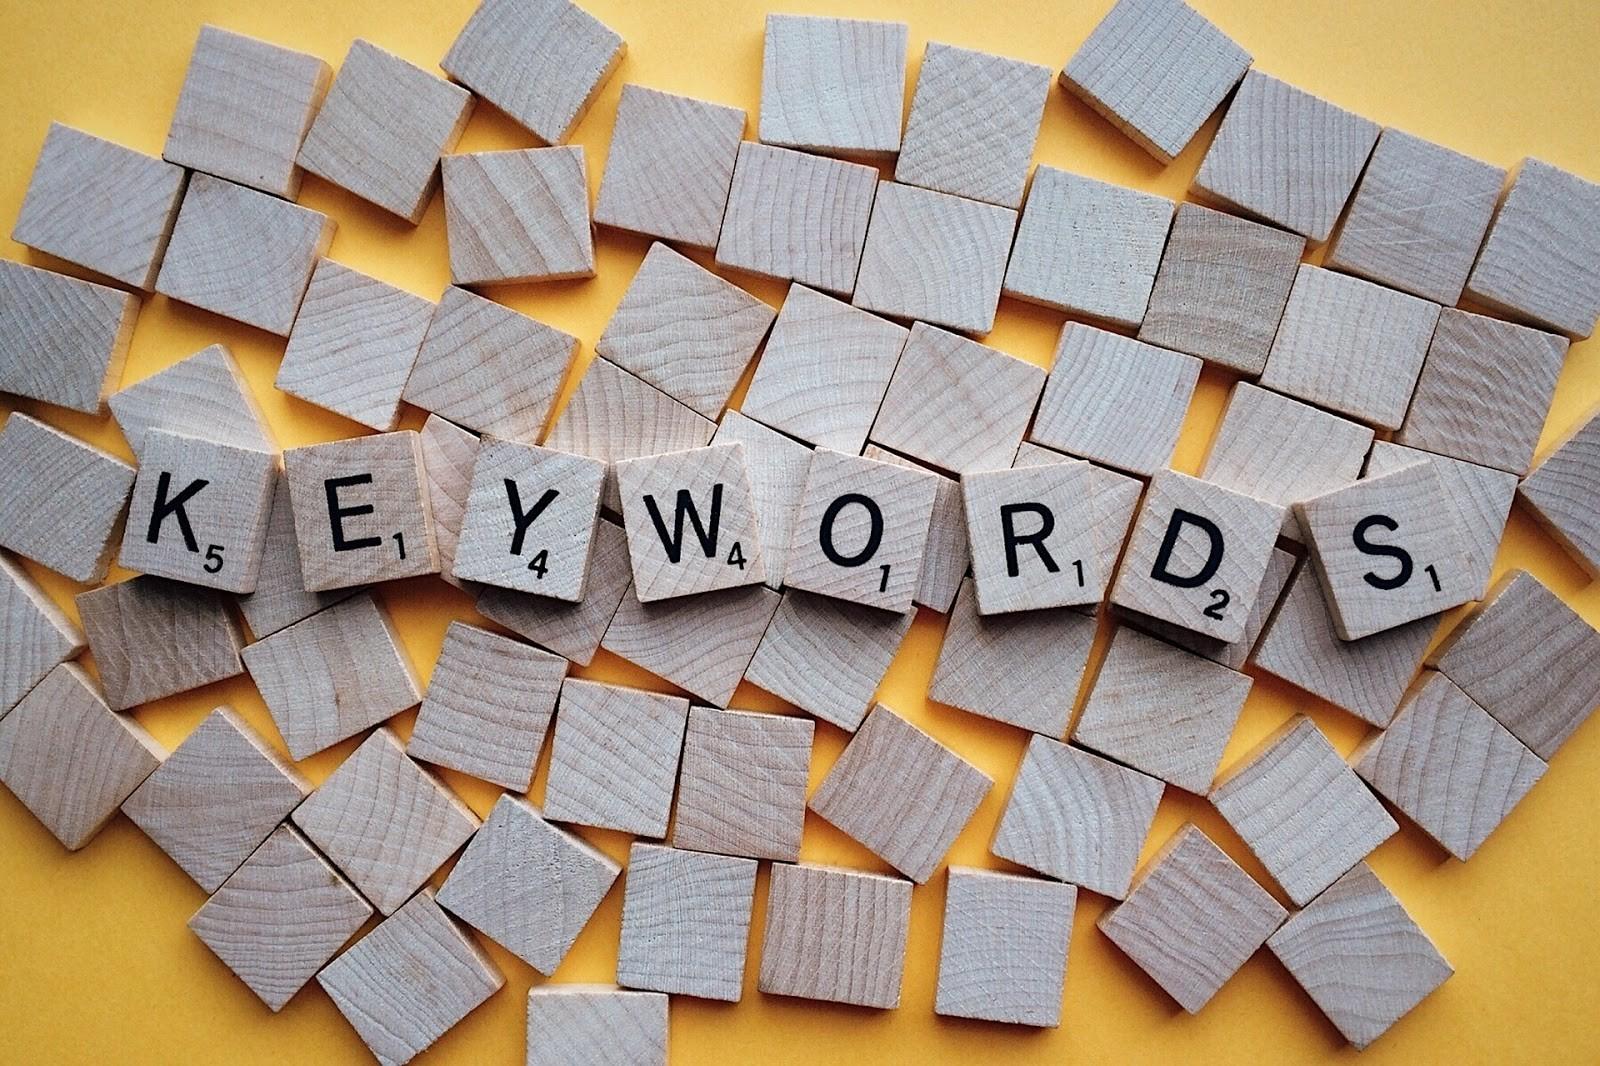 記事作成時のキーワード選定